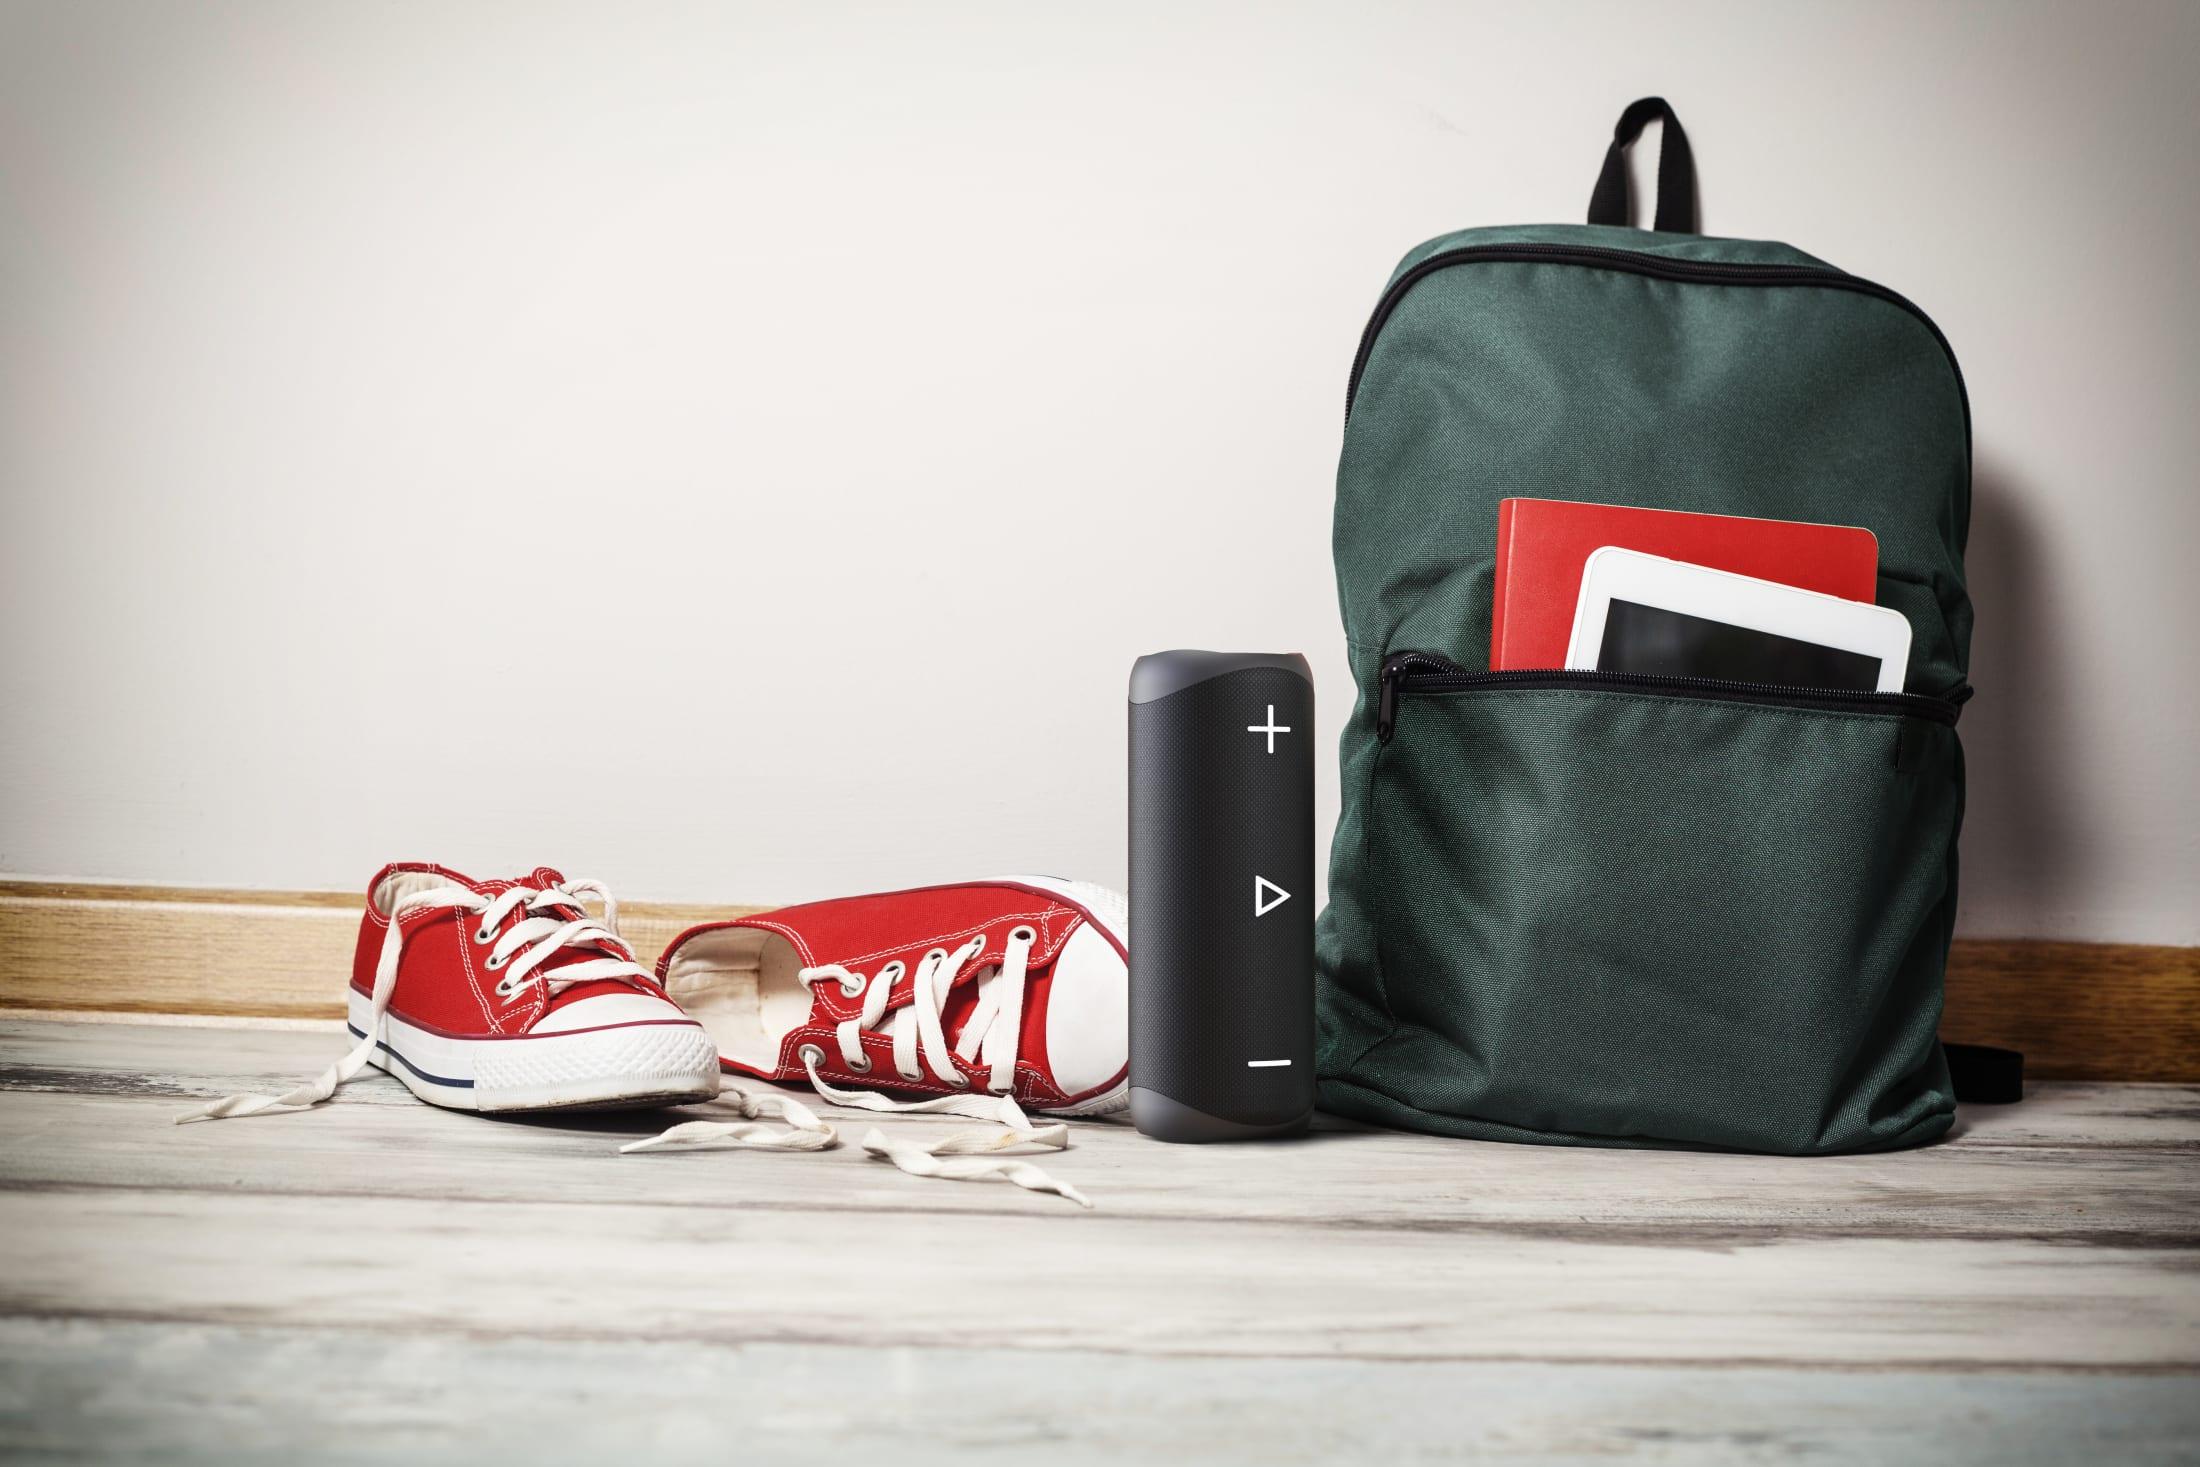 Przenośny bezprzewodowy głośnik stereo Bluetooth, 20 W, z zaawansowaną technologią DSP, 90 dB SPL, 12 godzin odtwarzania i klasa odporności IP 56.